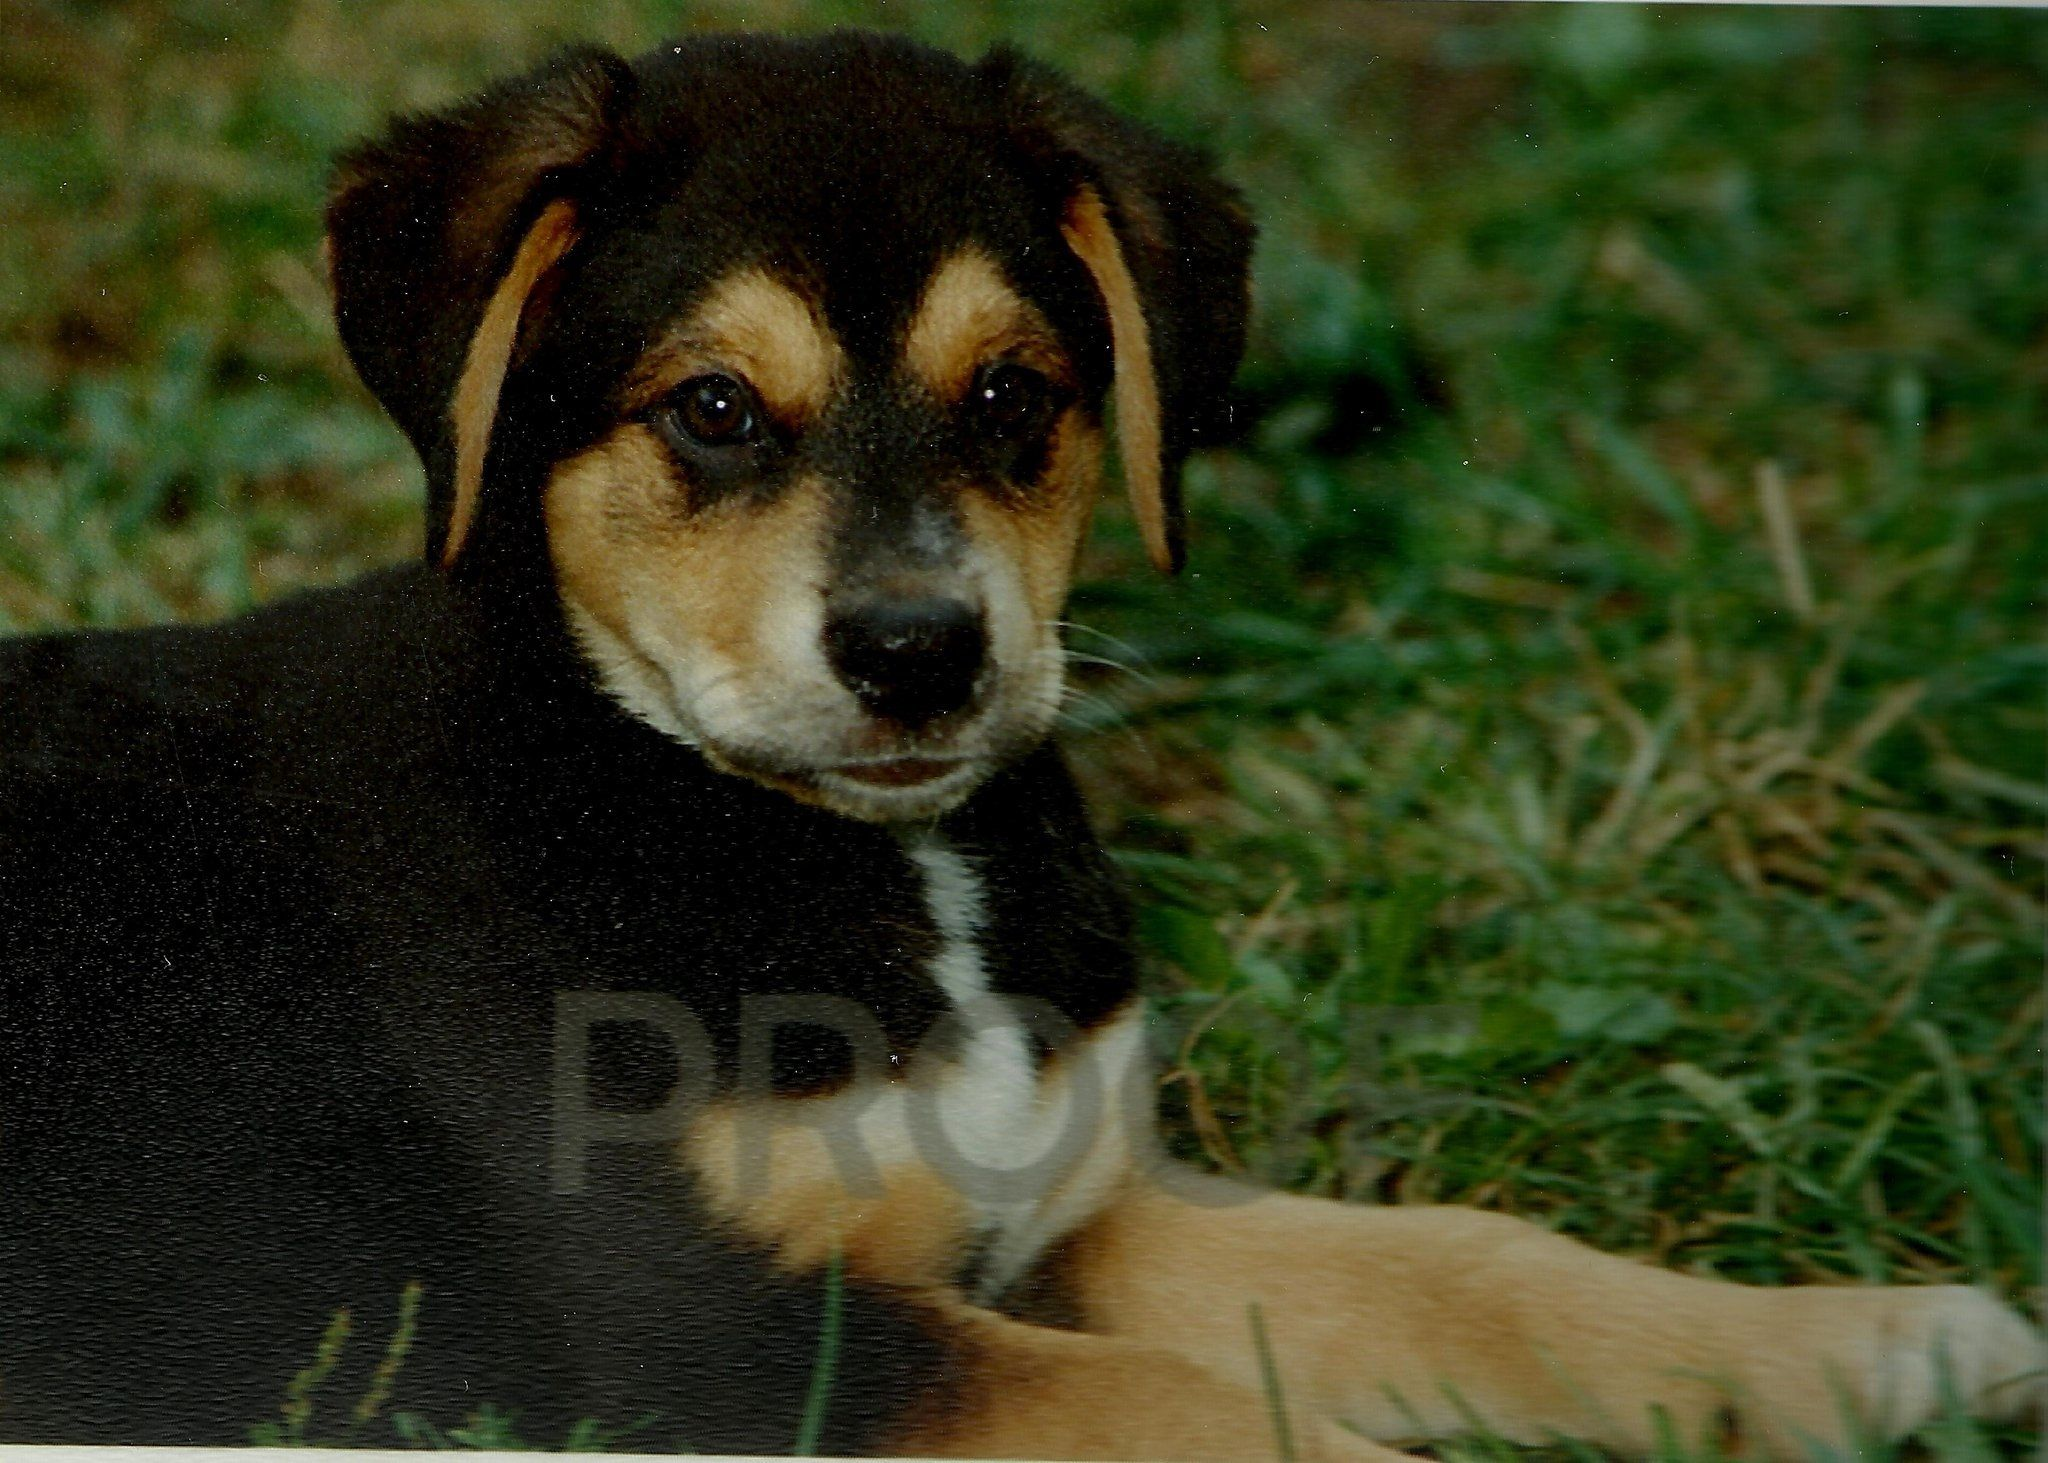 Killer as a puppy. Cute, huh! :)